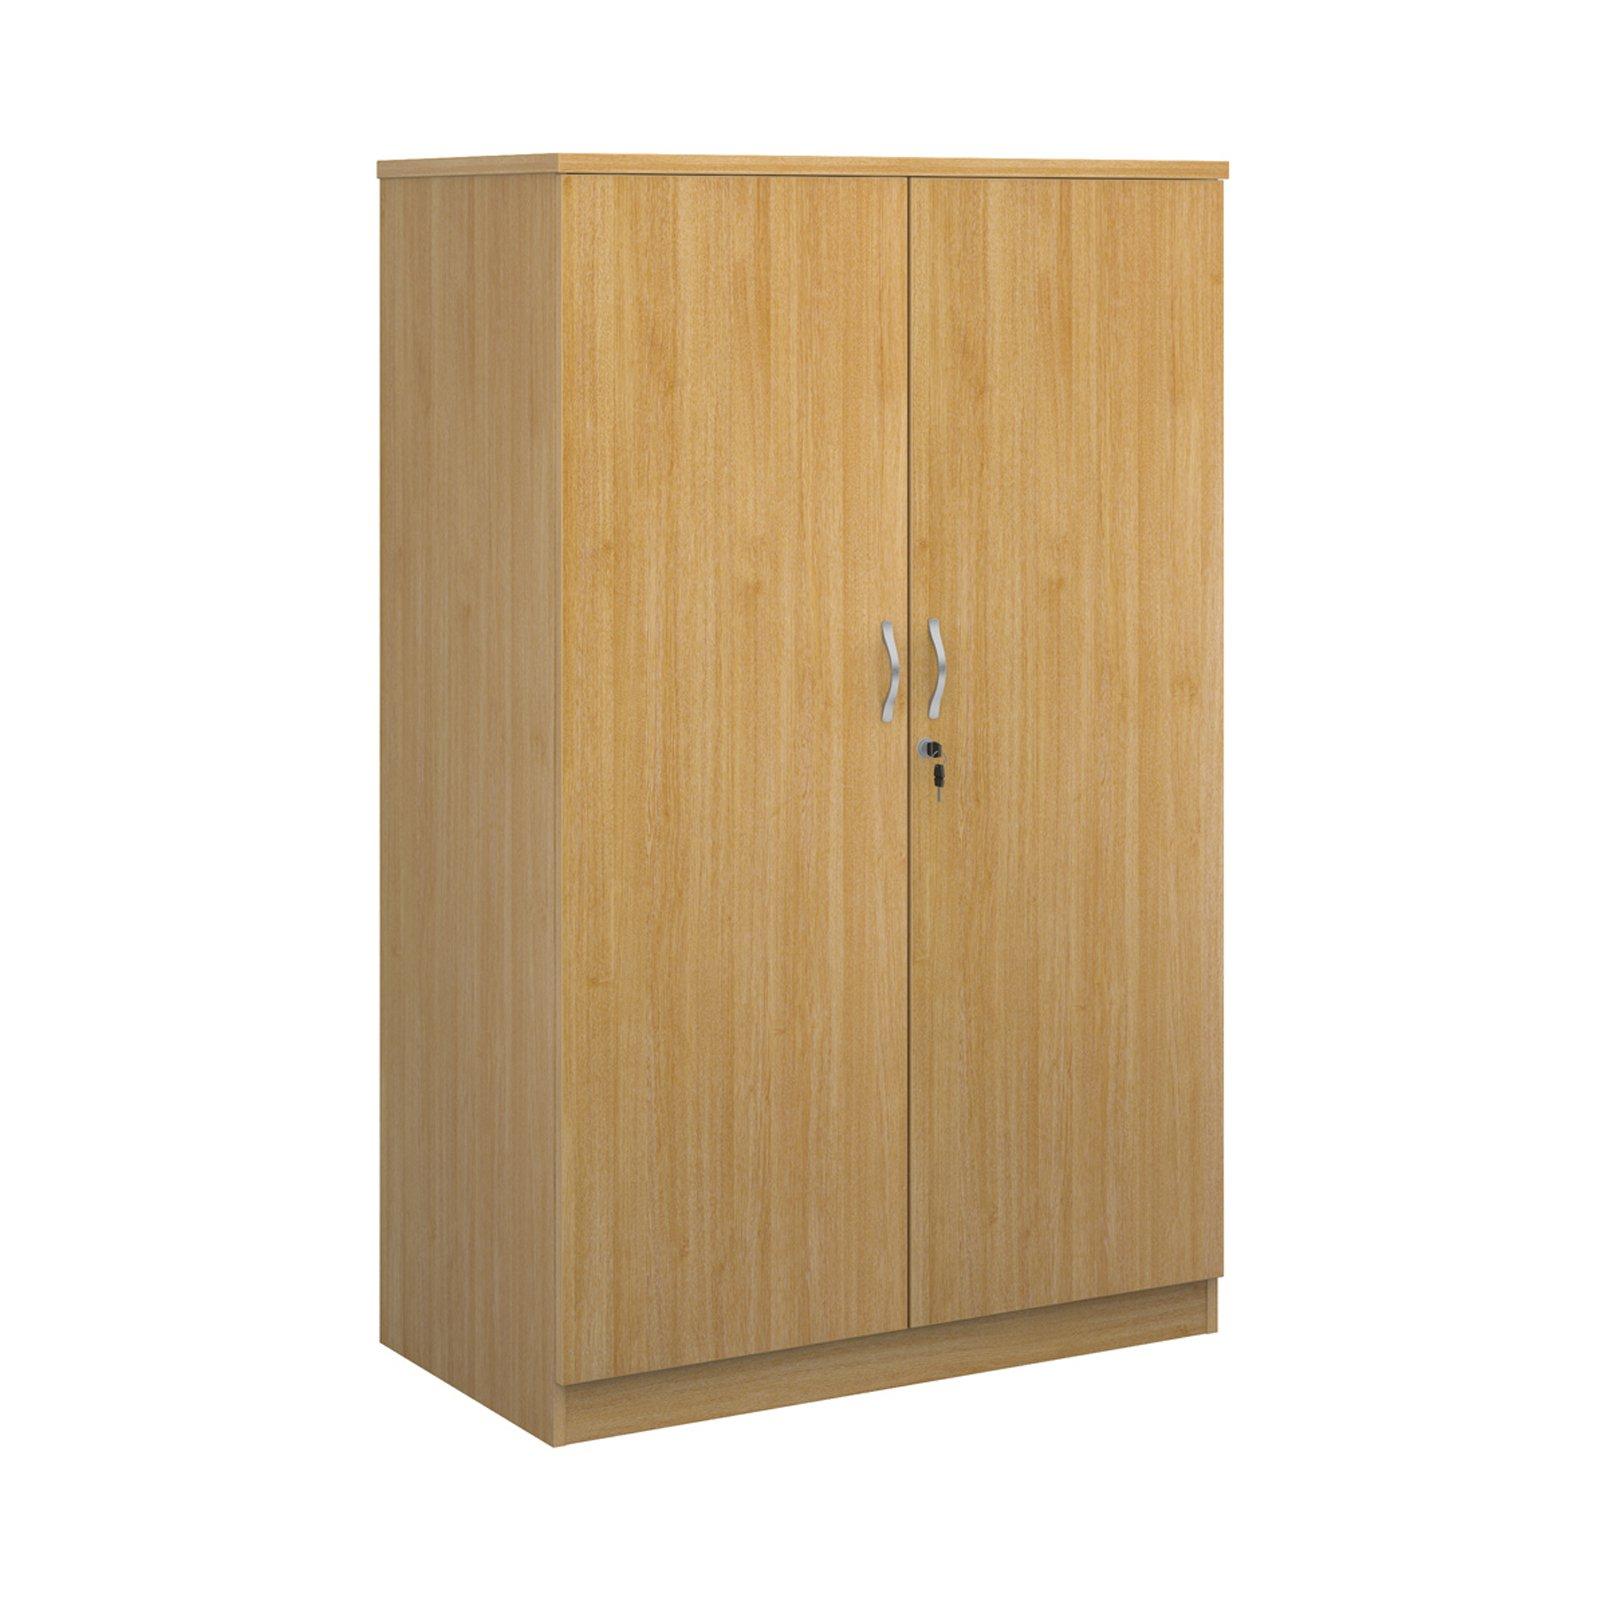 Deluxe double door cupboard 1600mm high with 3 shelves - oak